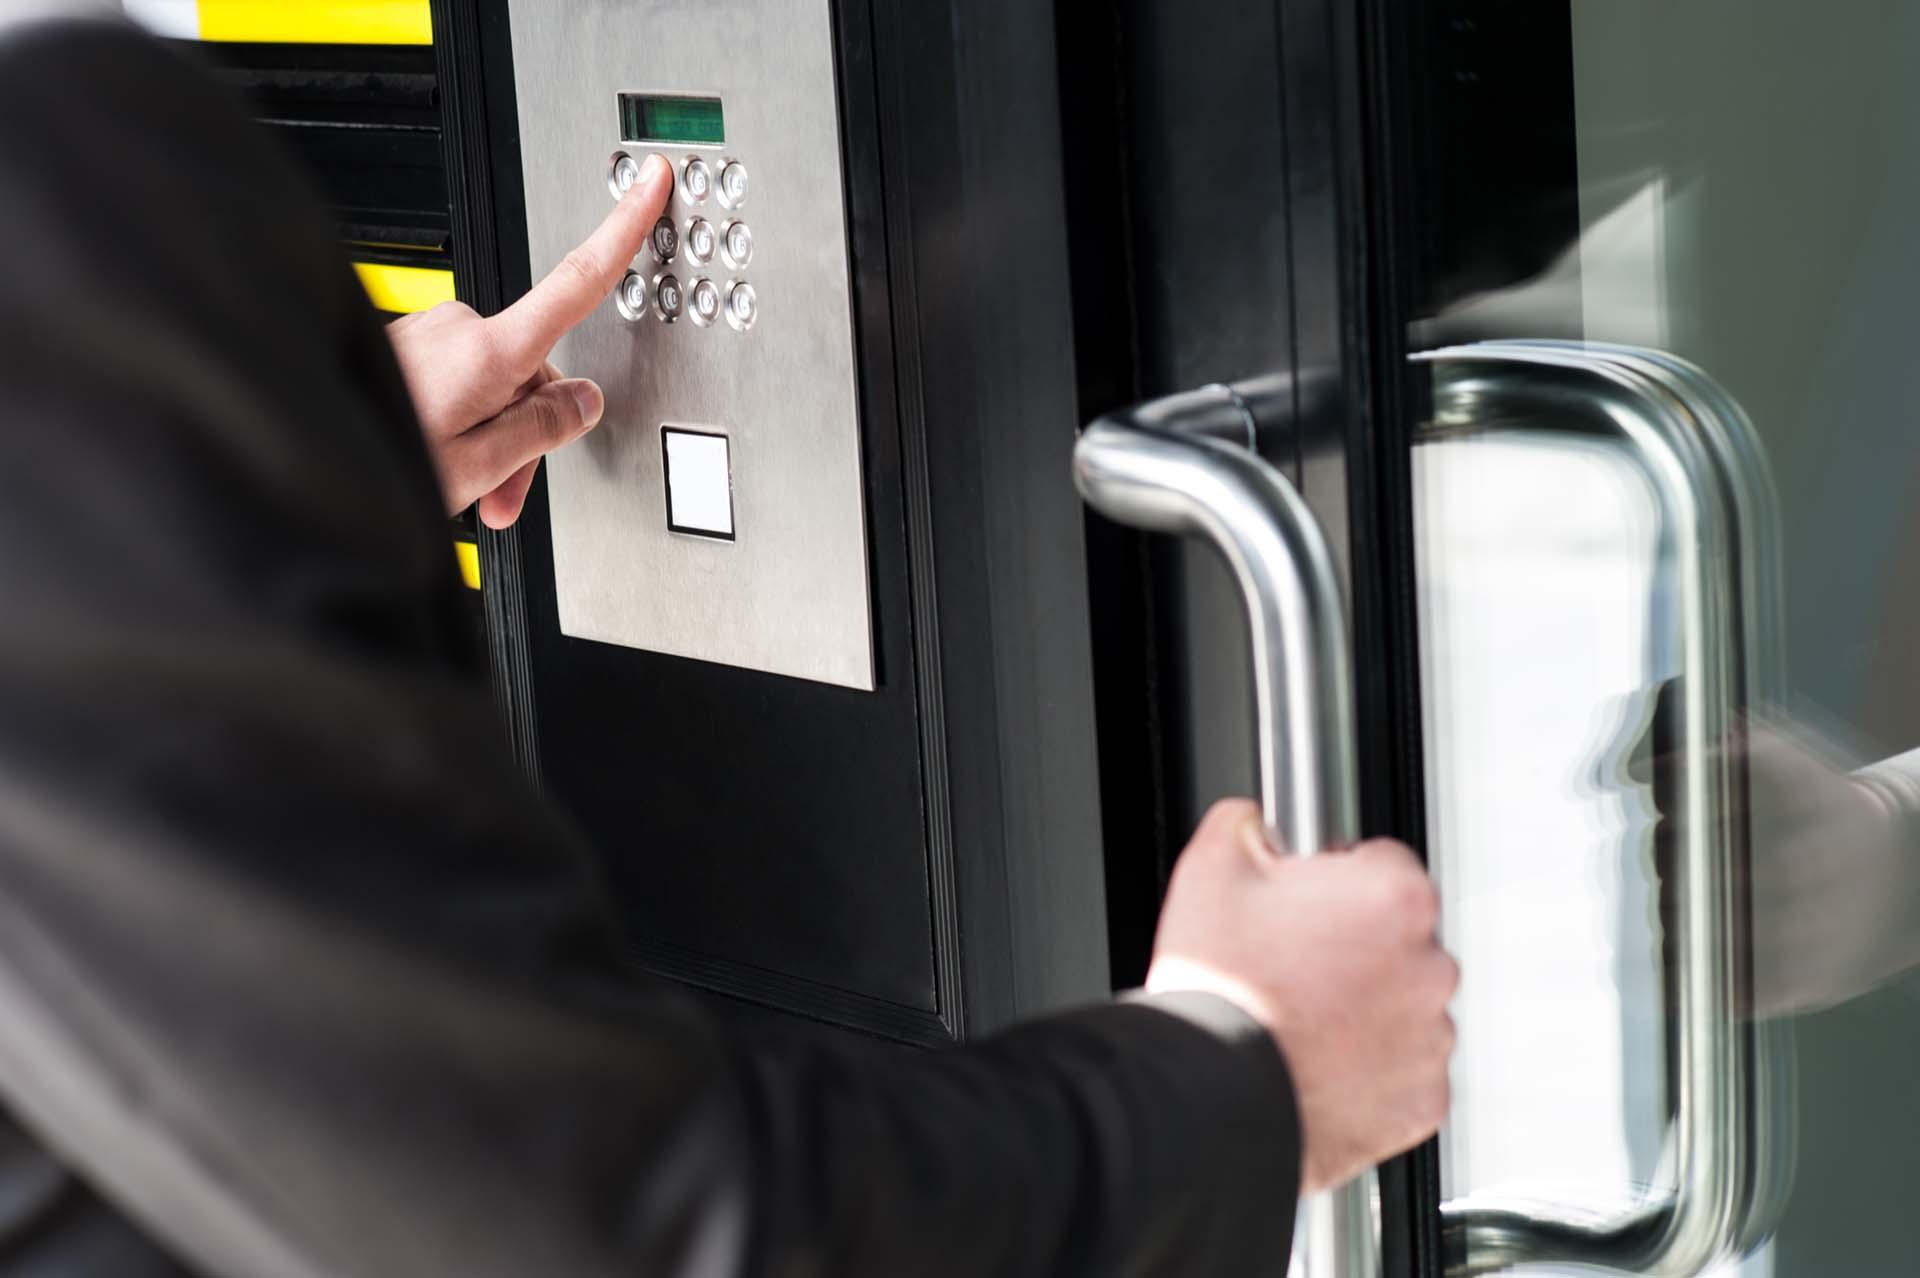 Person öffnet eine Tür mit einem elektronischen Zutrittsystem